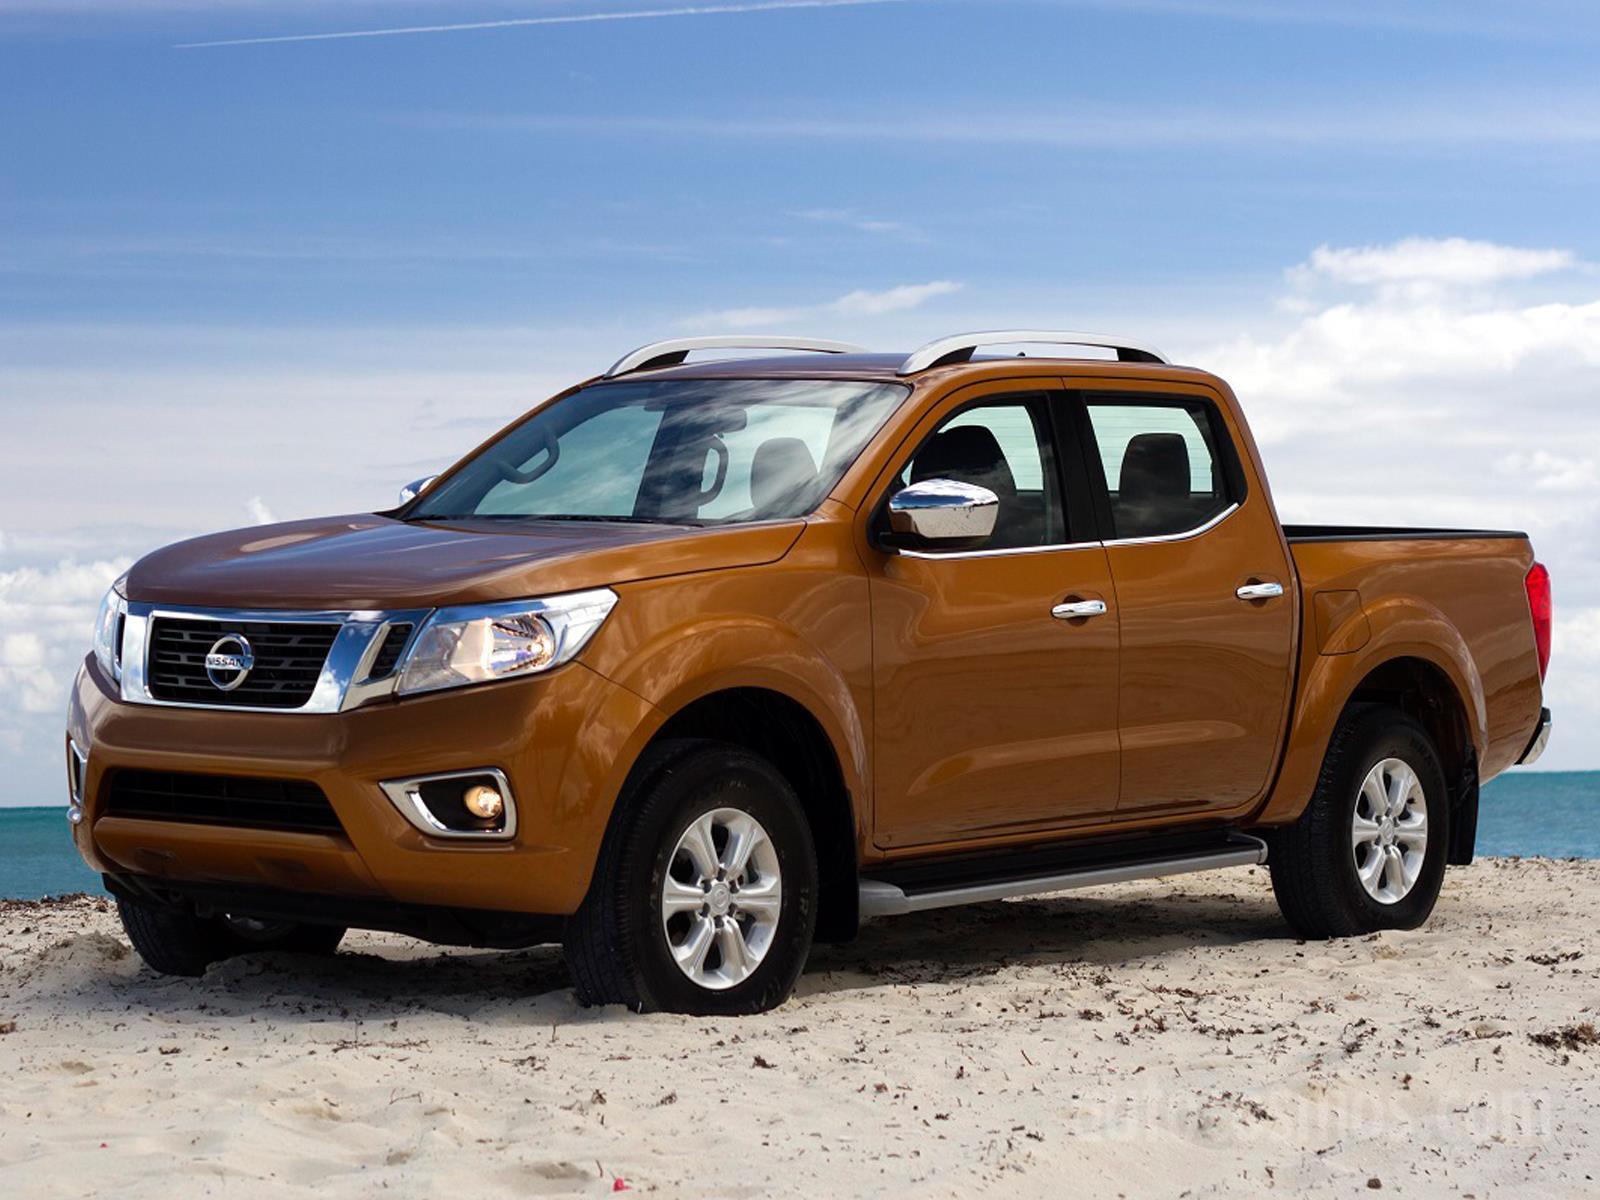 Nissan NP300 es uno de los autos menos devaluados en Mexico